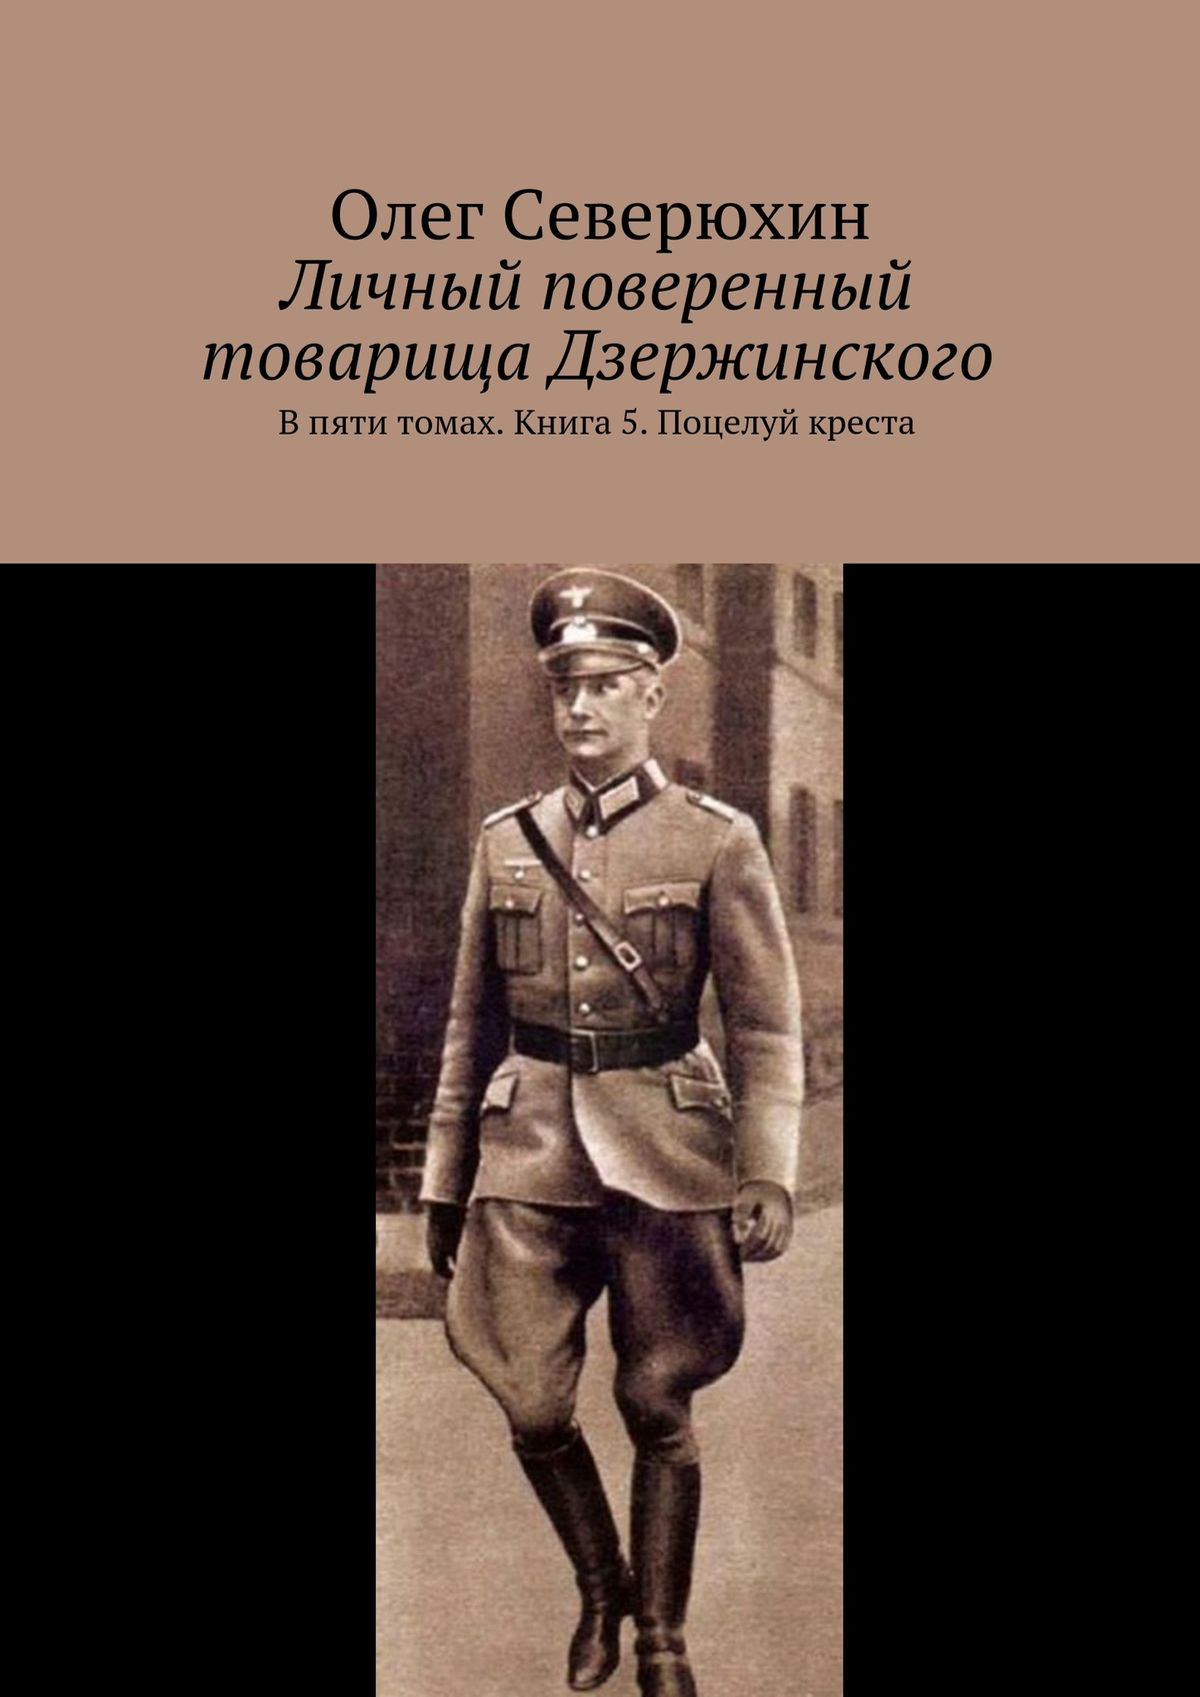 Личный поверенный товарища Дзержинского. В пяти томах. Книга 5. Поцелуй креста